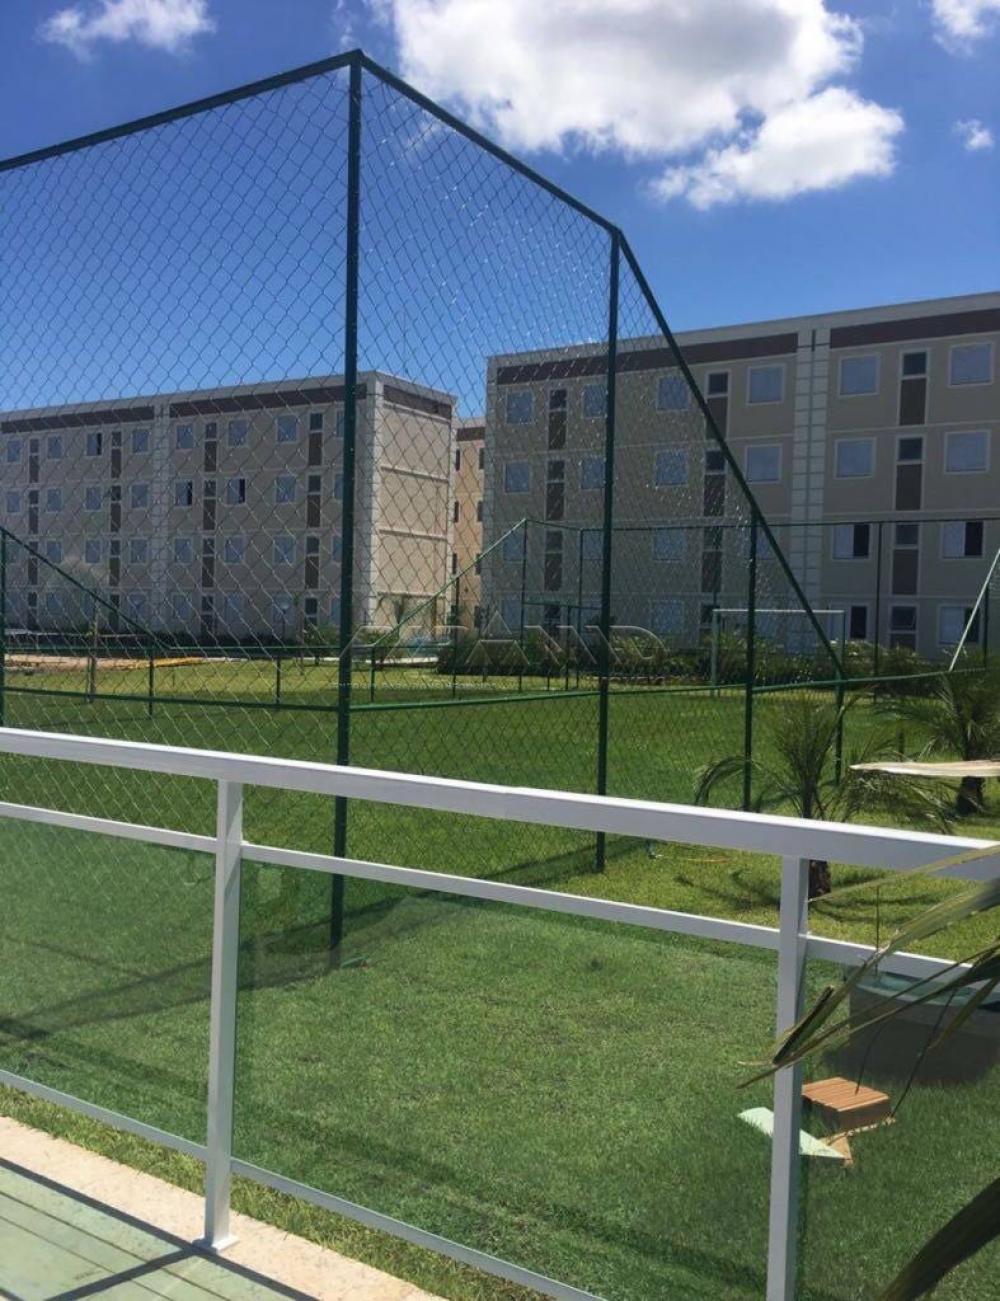 Comprar Apartamento / Padrão em Ribeirão Preto R$ 215.000,00 - Foto 17